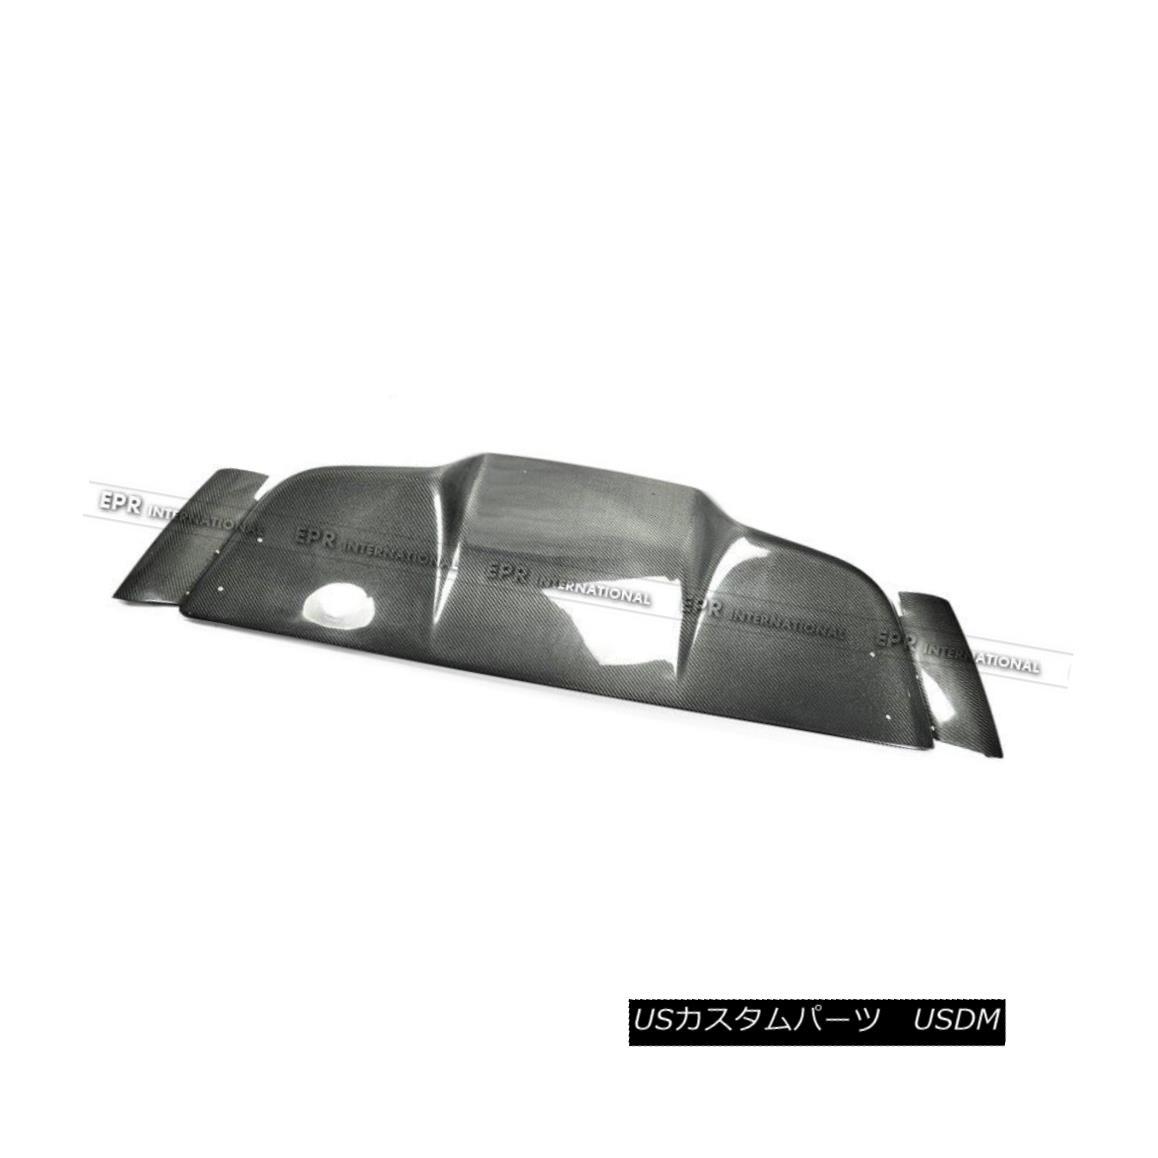 エアロパーツ Bumper Rear Z33 Bumper Infiniti Diffuser Kit Carbon For 03-08 Z33 350z Infiniti G35 Coupe 2D JDM TS リアバンパーディフューザーキット03-08 Z33 350zインフィニティG35クーペ2D JDM TS, 田方郡:d283d84d --- officewill.xsrv.jp